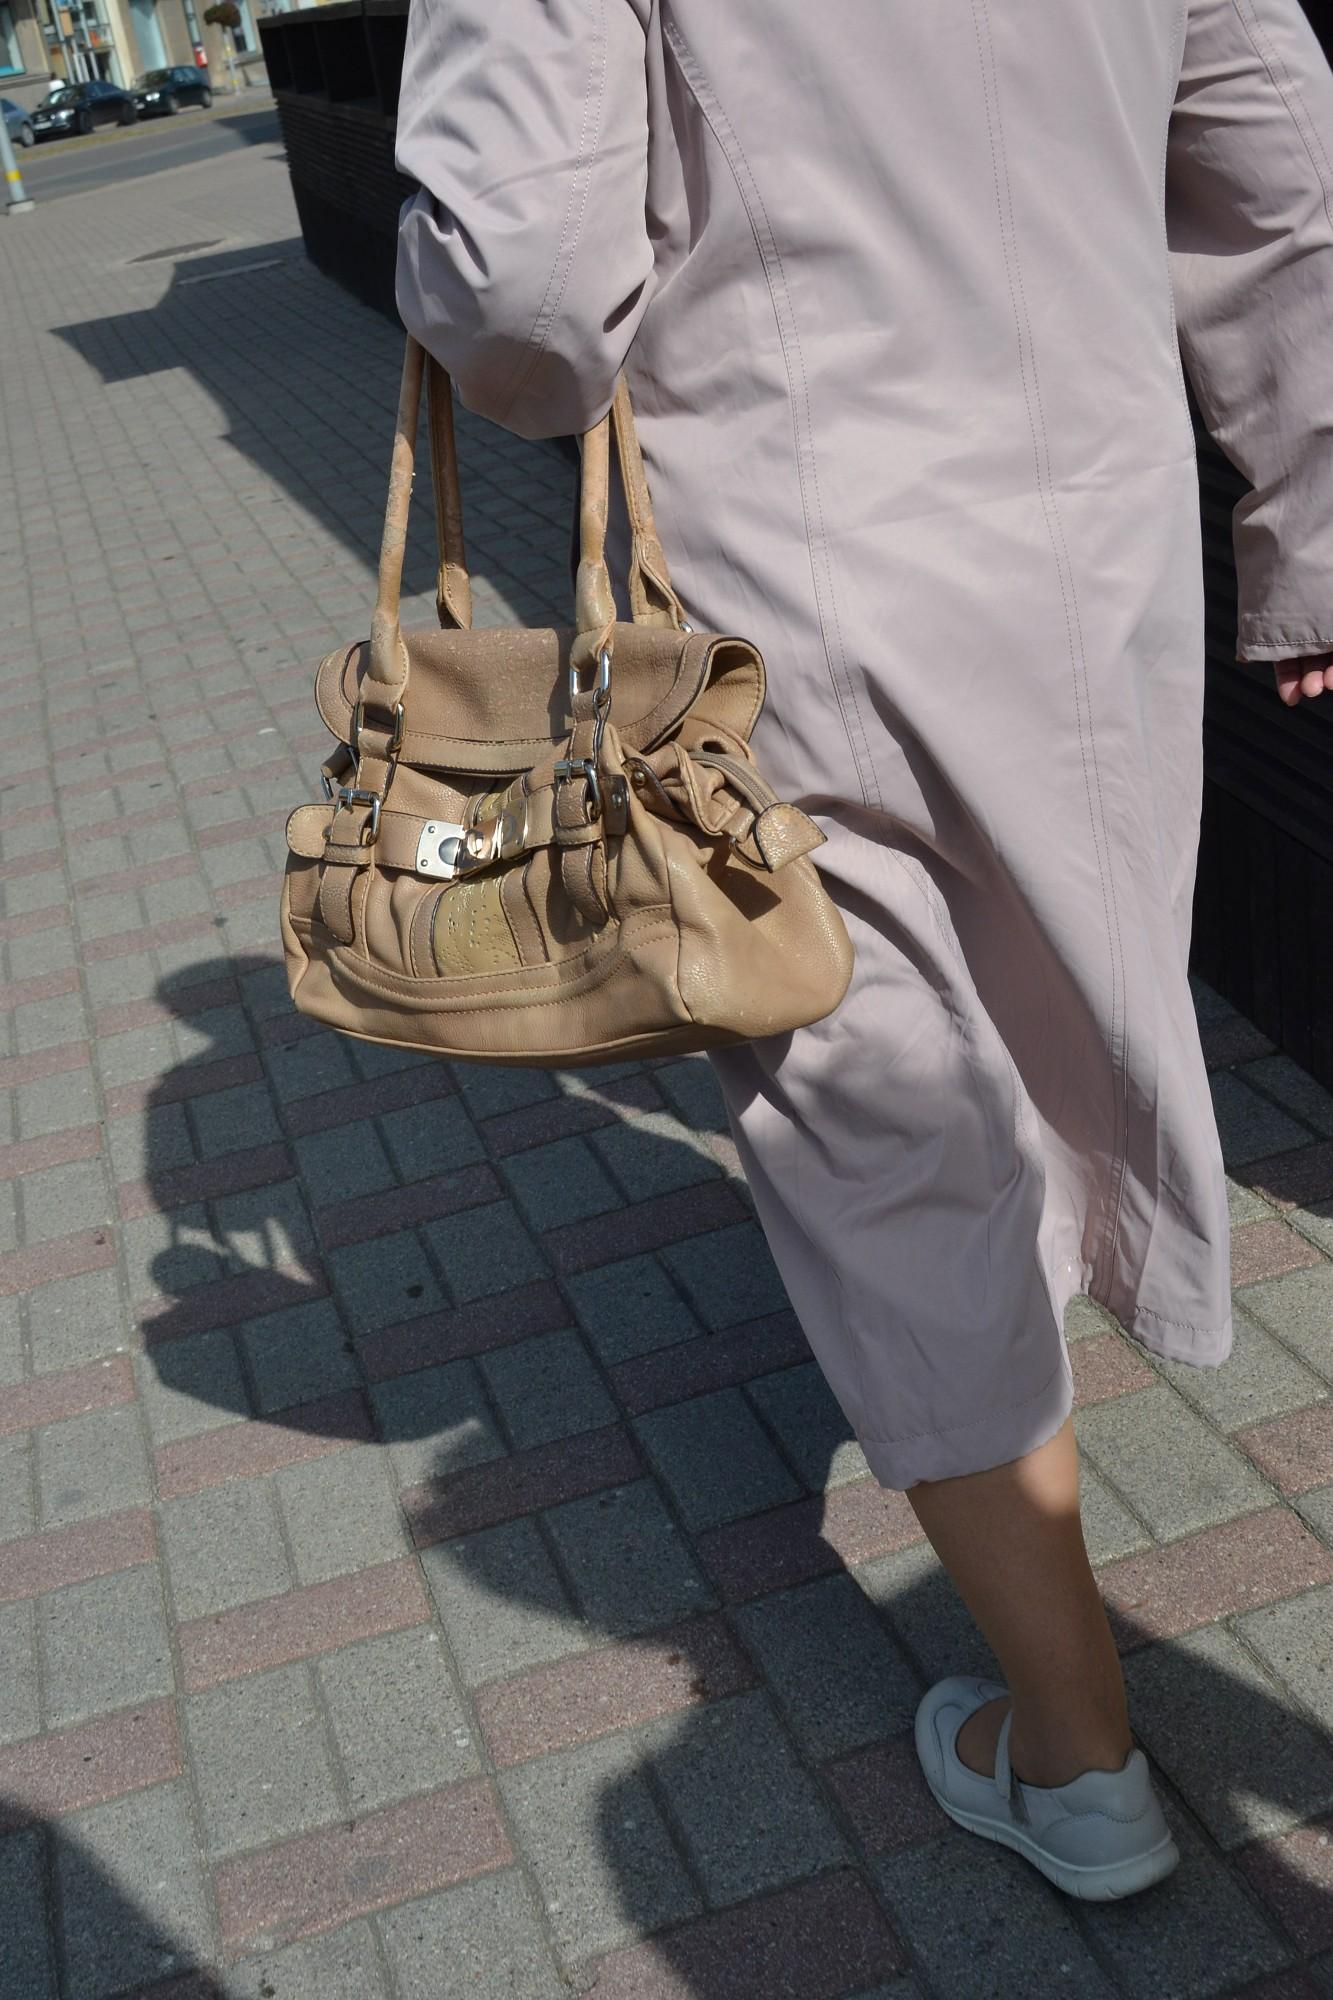 Centrālkapos sievietei nozog rokassomiņu